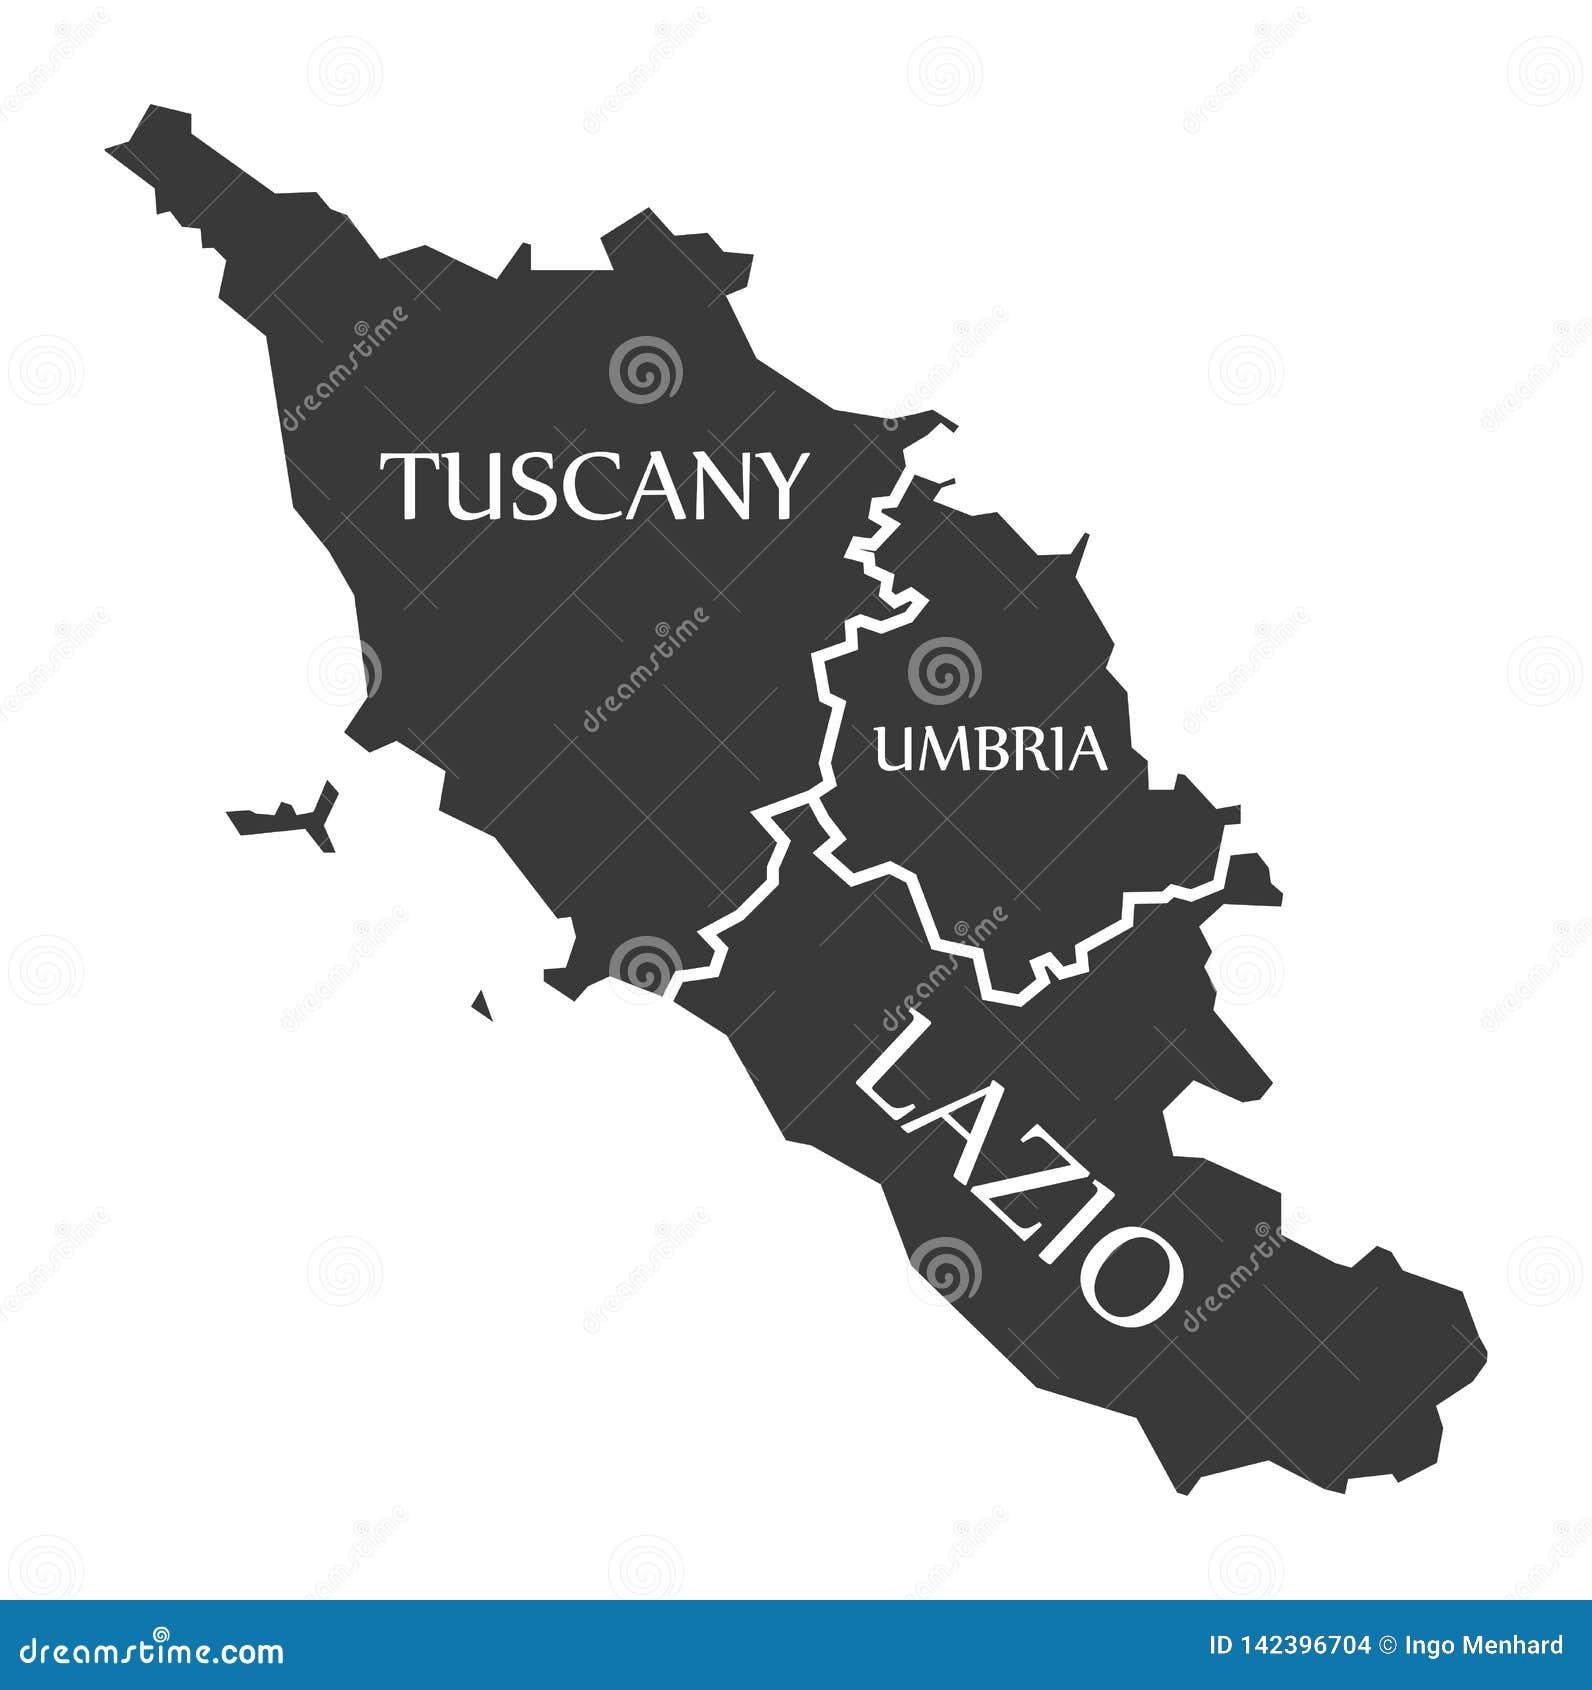 Tuscany Map Of Italy.Tuscany Umbria Lazio Region Map Italy Stock Vector